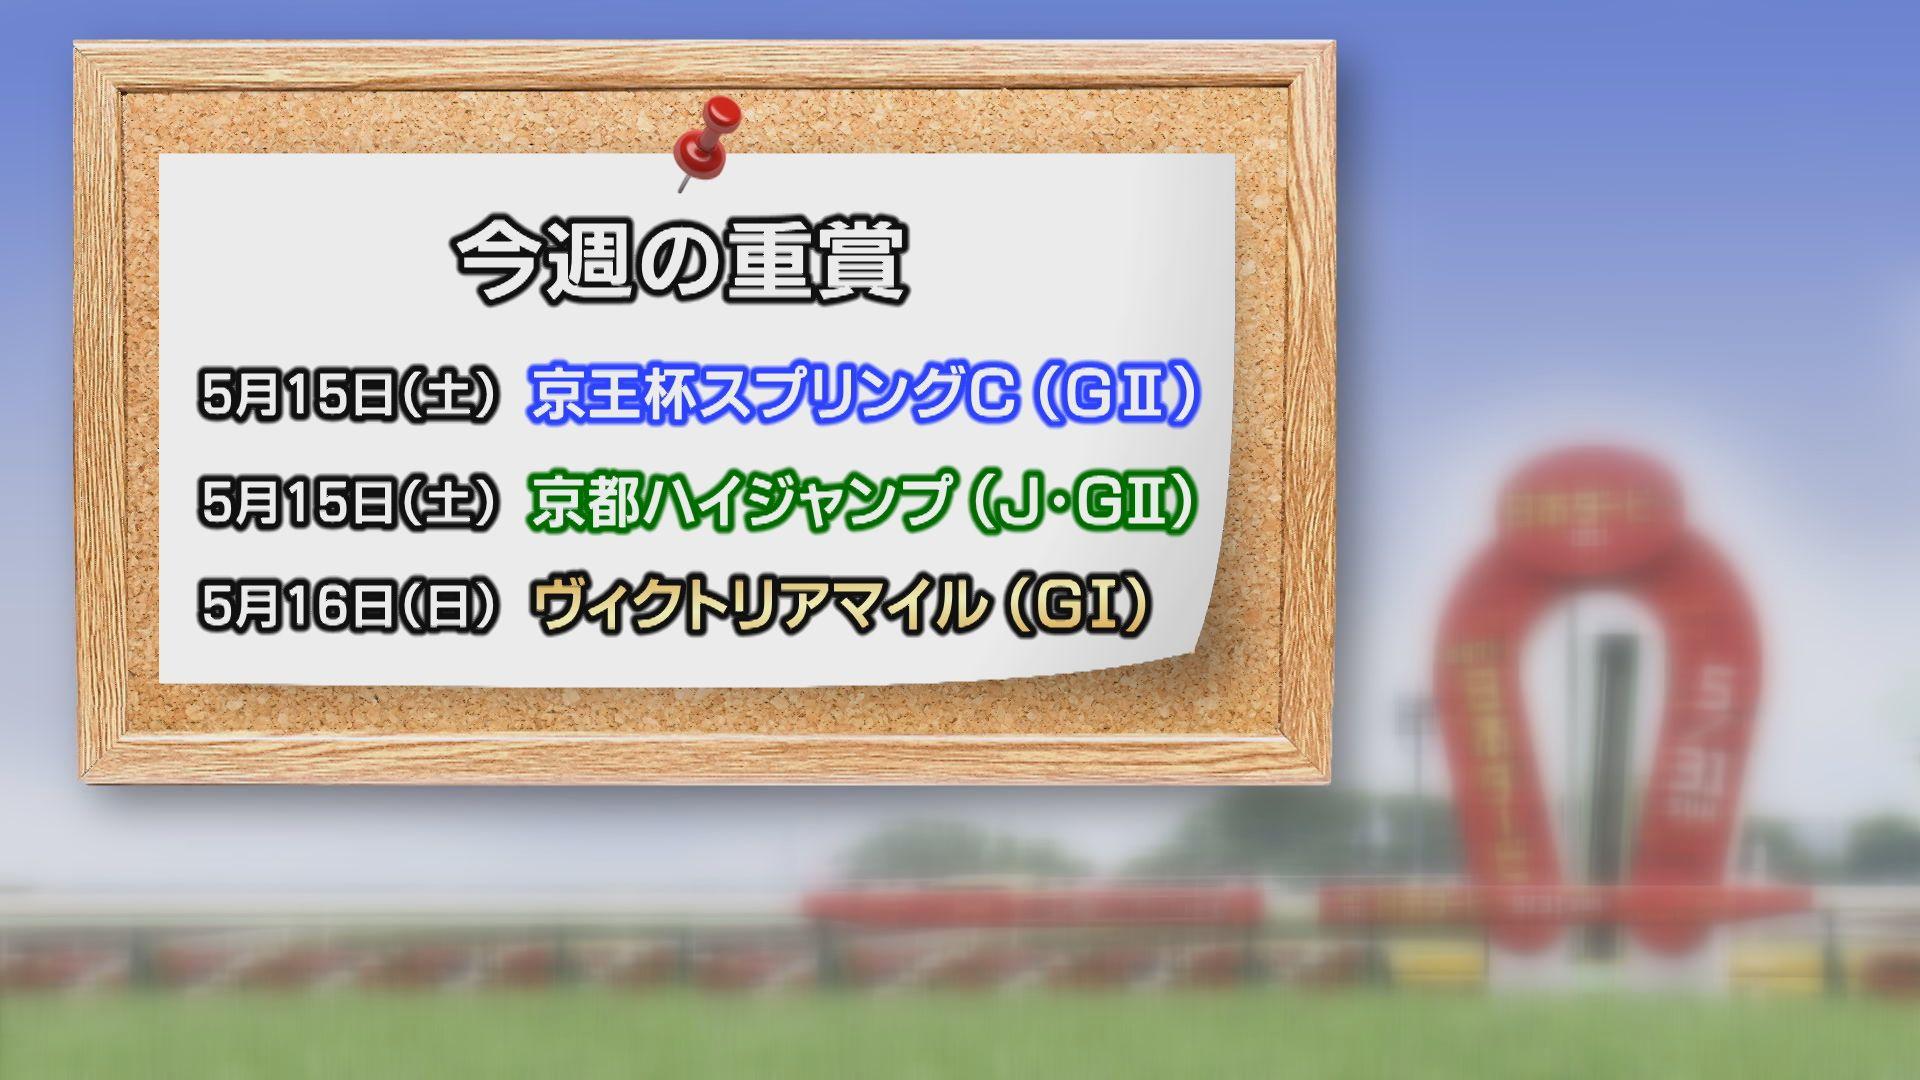 【今週の重賞インフォメーション】京王杯スプリングC 5/15(土)